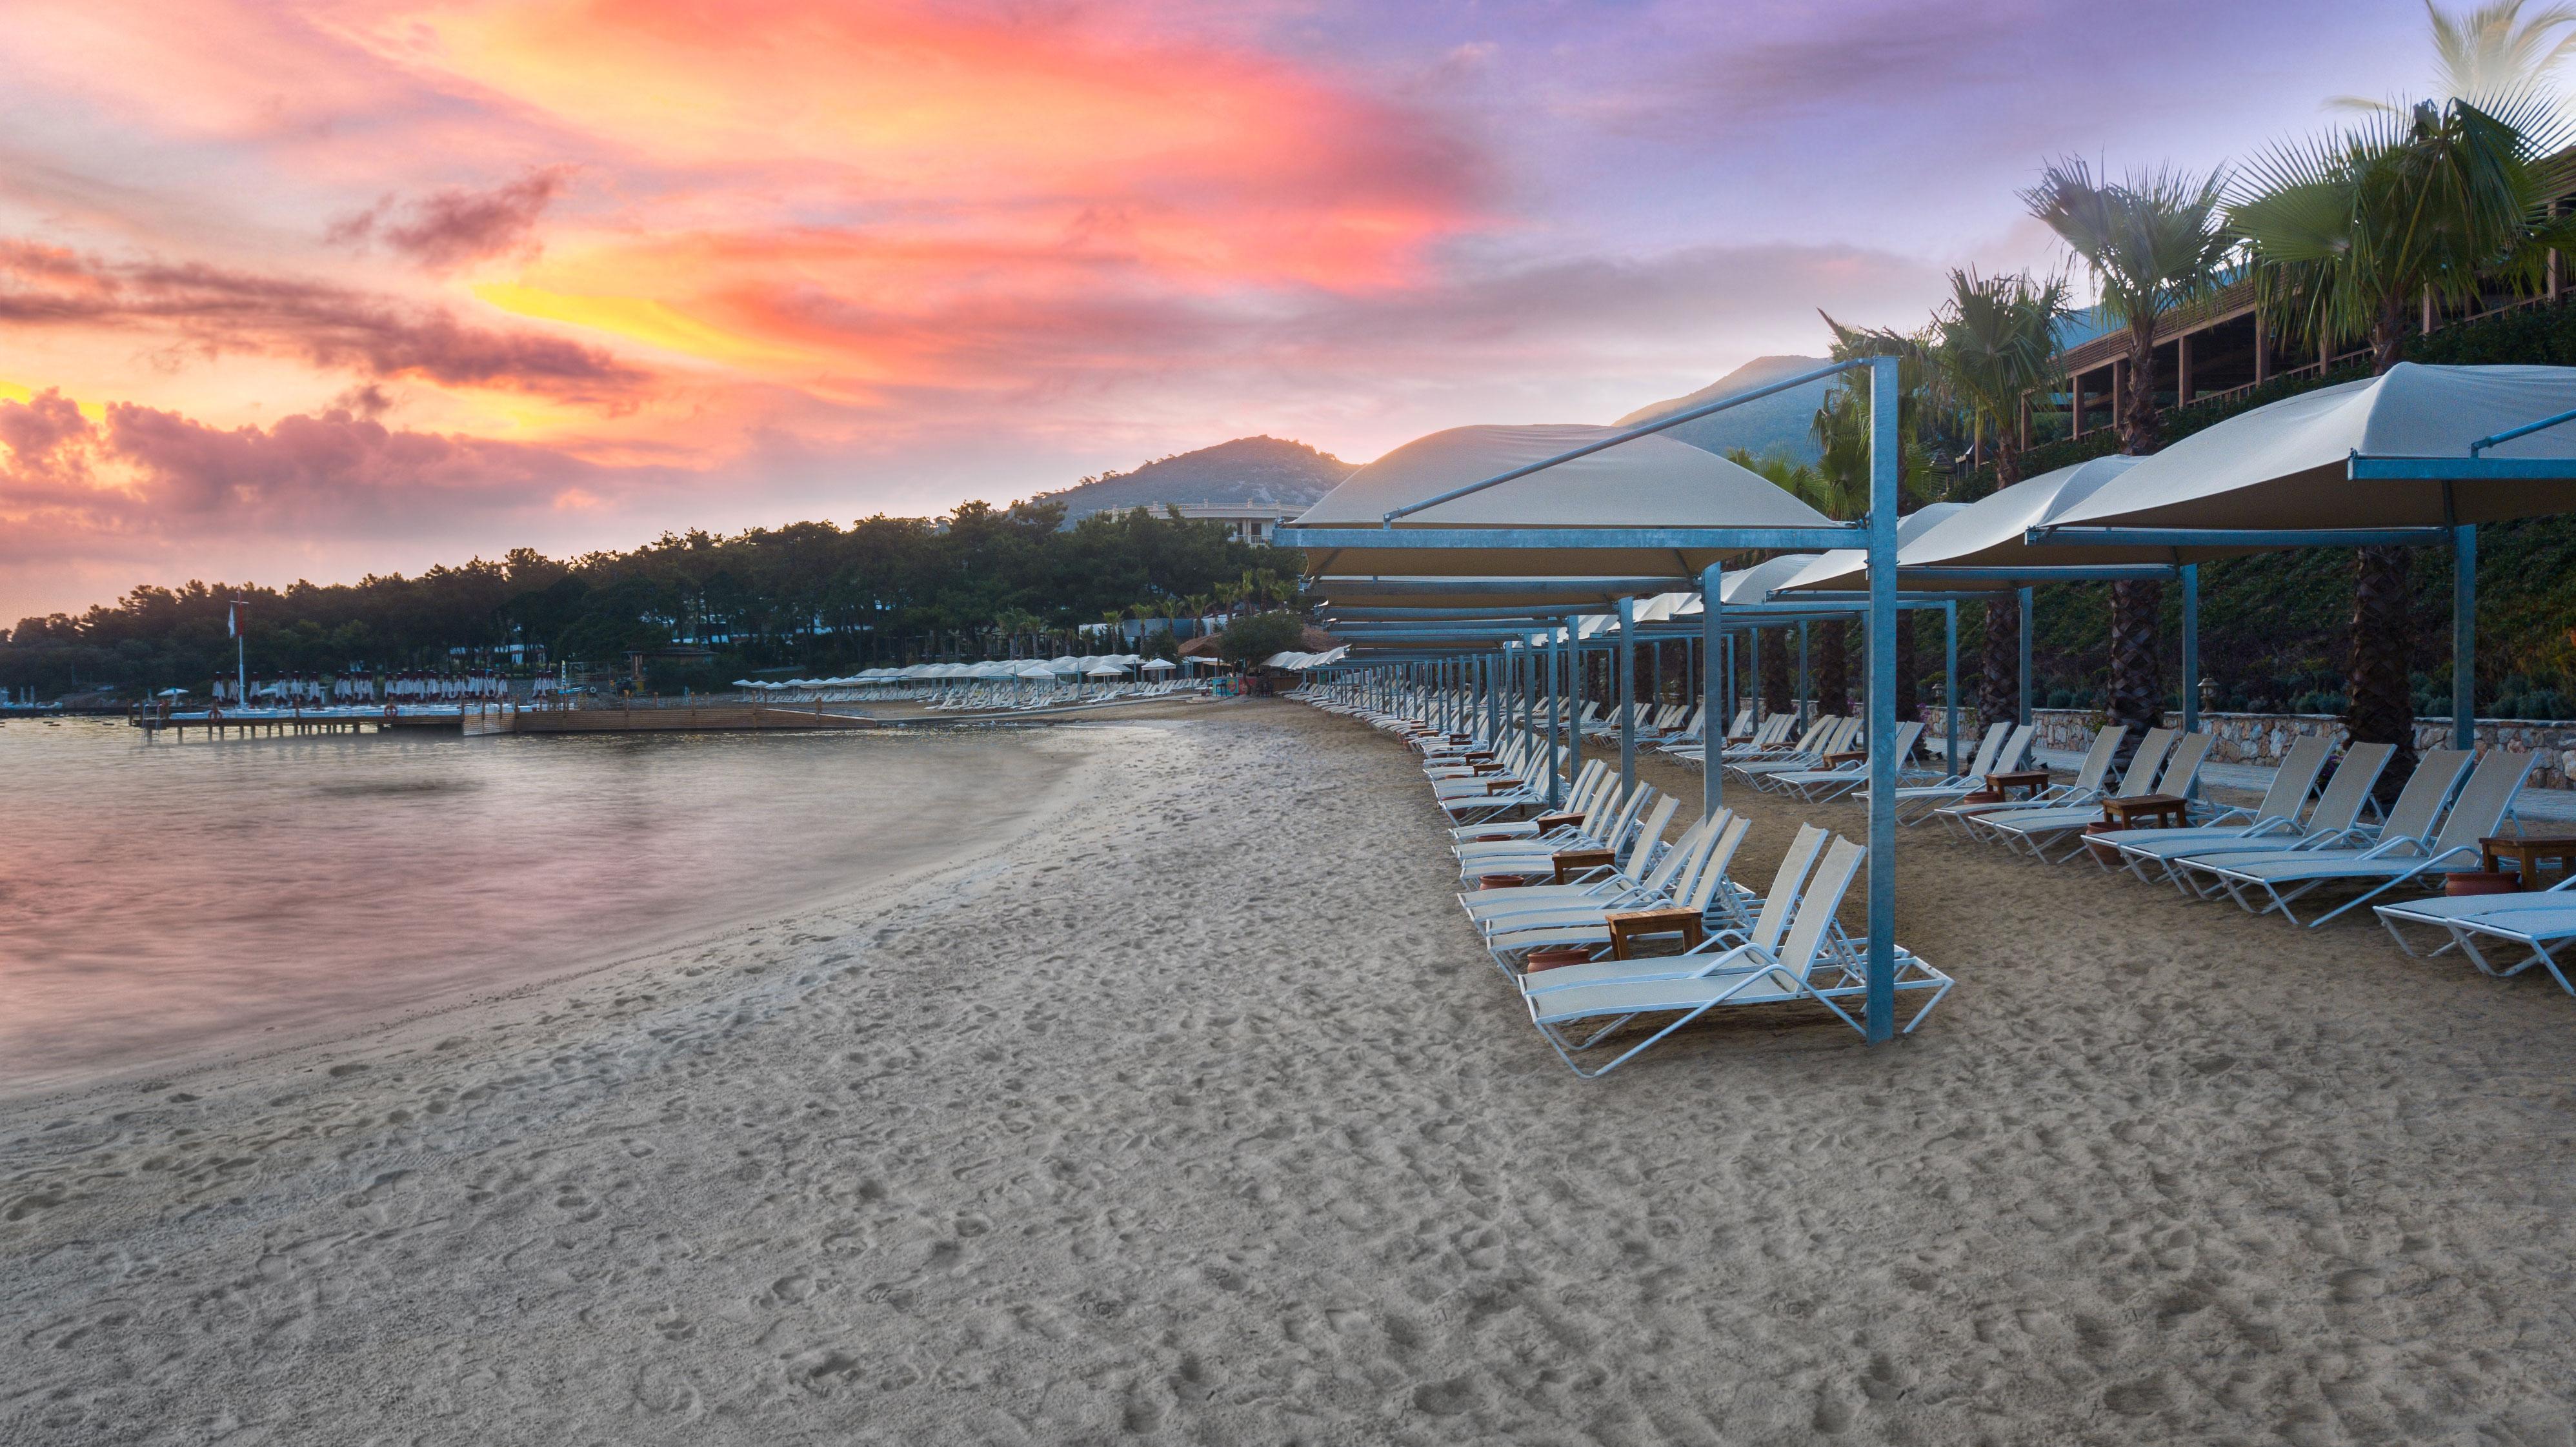 Фото нового отеля Vogue Hotel Bodrum 5*, Бодрум, Турция, море и пляж